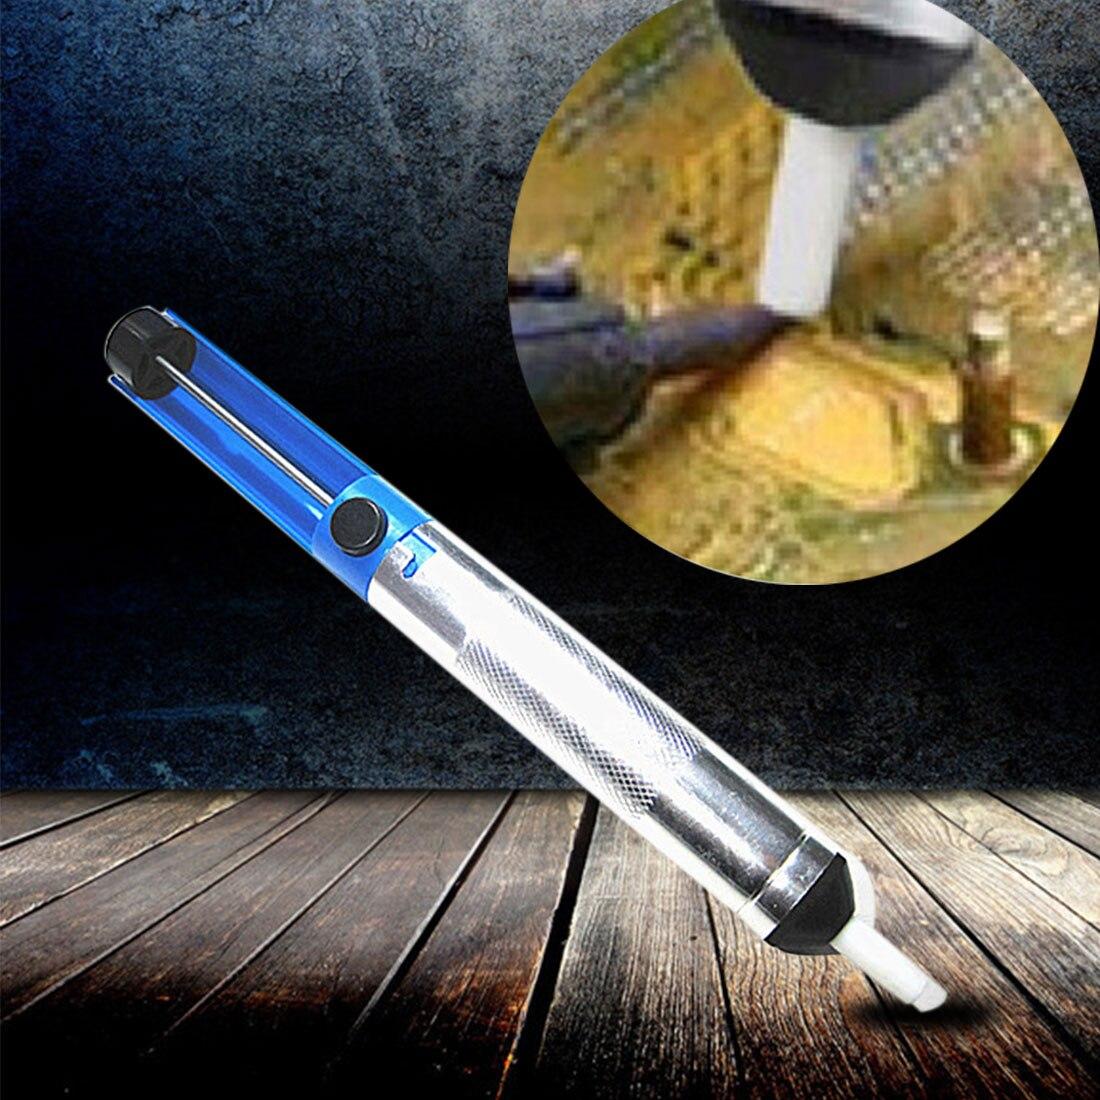 Hot 1pcs Solder Sucker Desoldering Pump Tool Removal Vacuum Soldering Iron Desolder High Quality Solder Remover 10 pcs jfbl hot sale high quality repair part deburred tool 10pcs bs1010 s10 1pcs nb1100 deburring tool blades